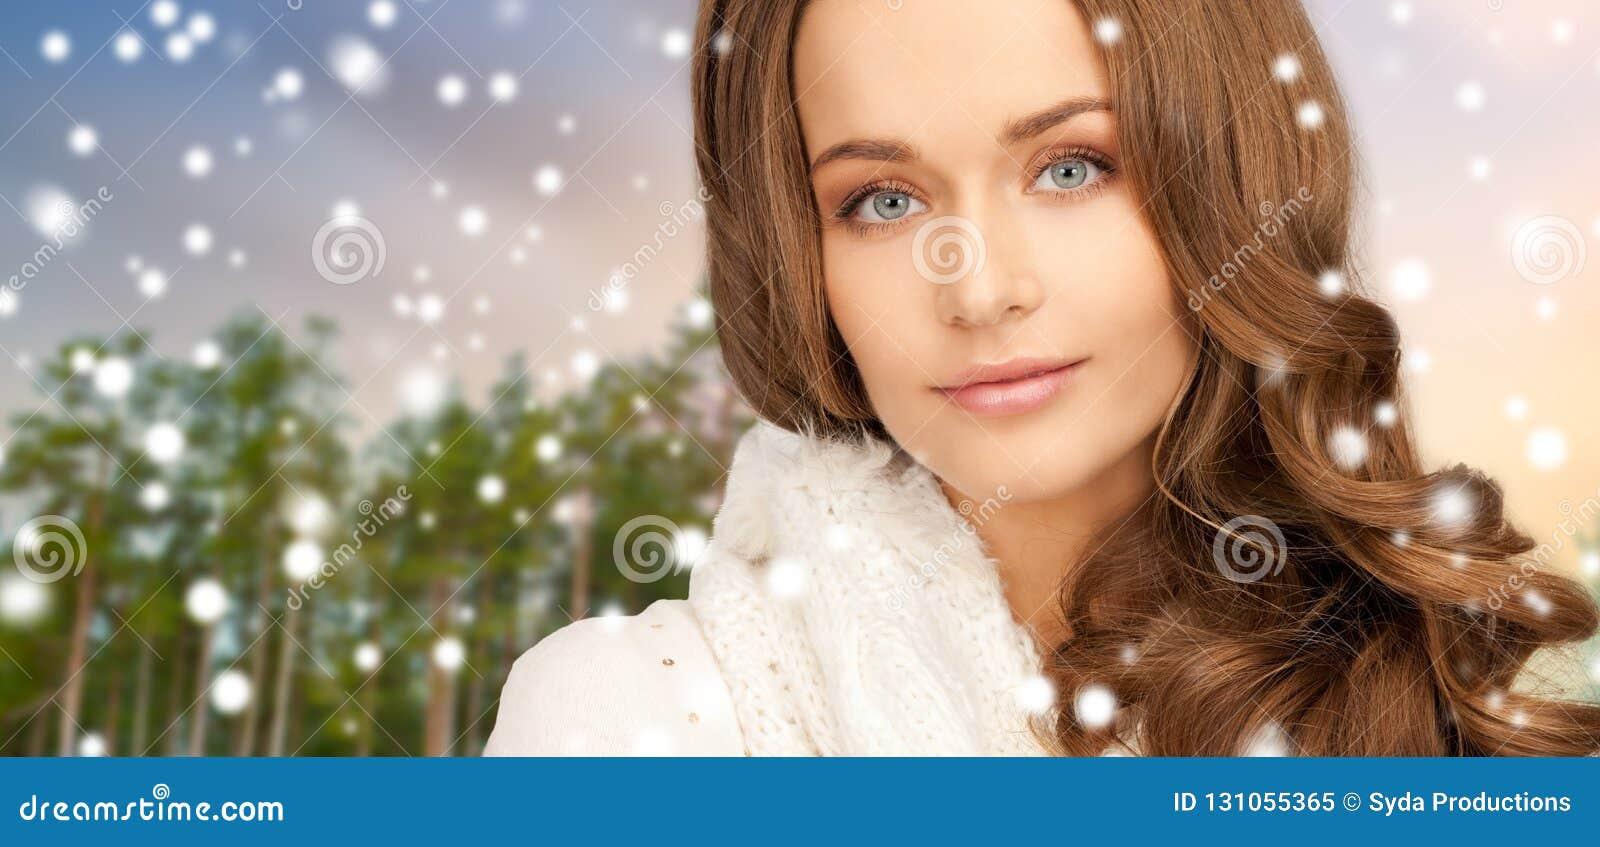 Stäng sig upp av härlig kvinna över vinterskog